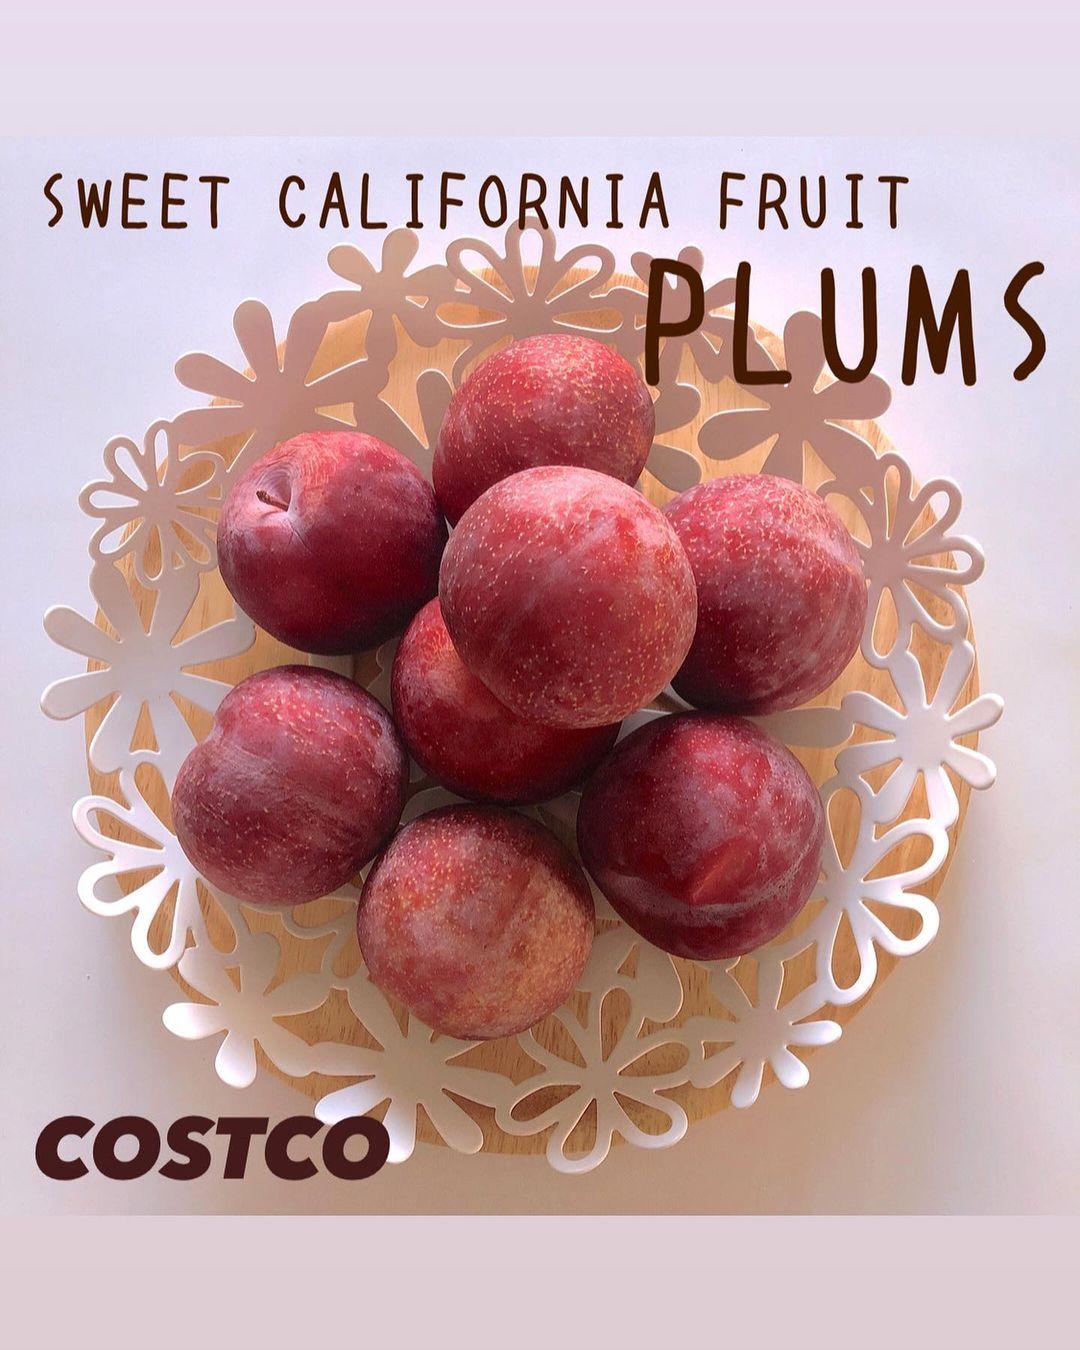 カリフォルニアのフルーツ